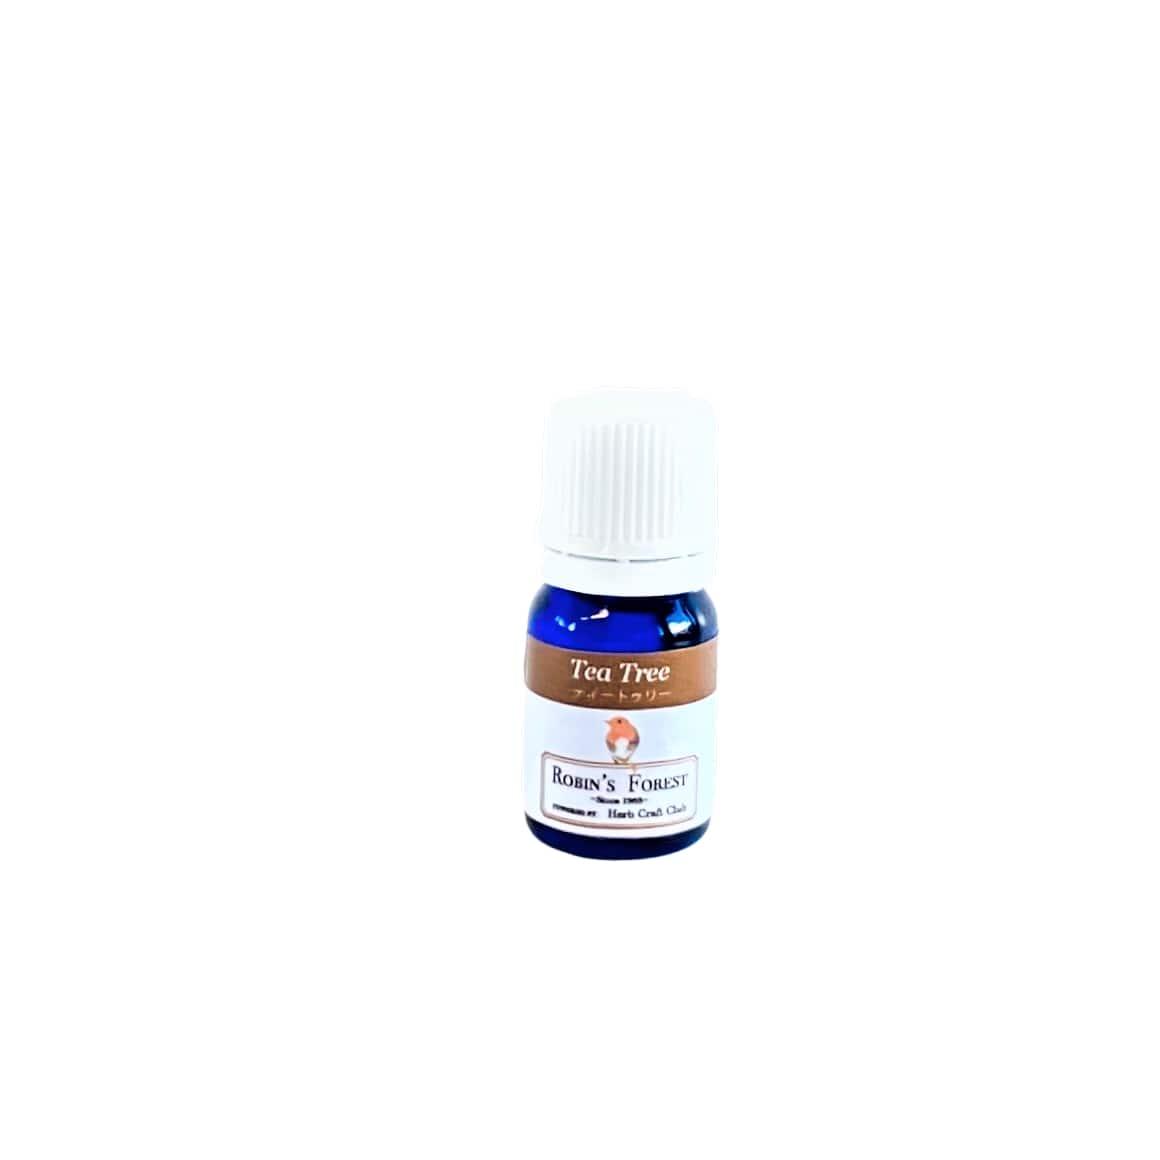 ジョイエ+ティートゥリーセット |カンジダ自然治癒サポートサプリ乳酸菌とティートゥリー